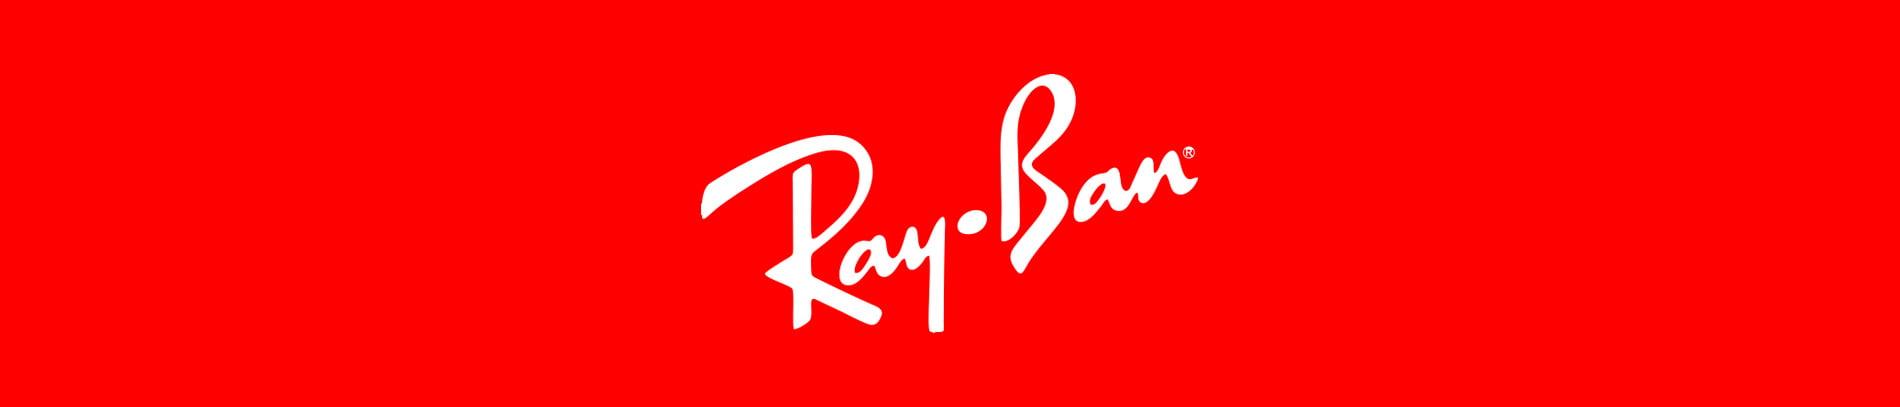 lentes ray ban uruguay